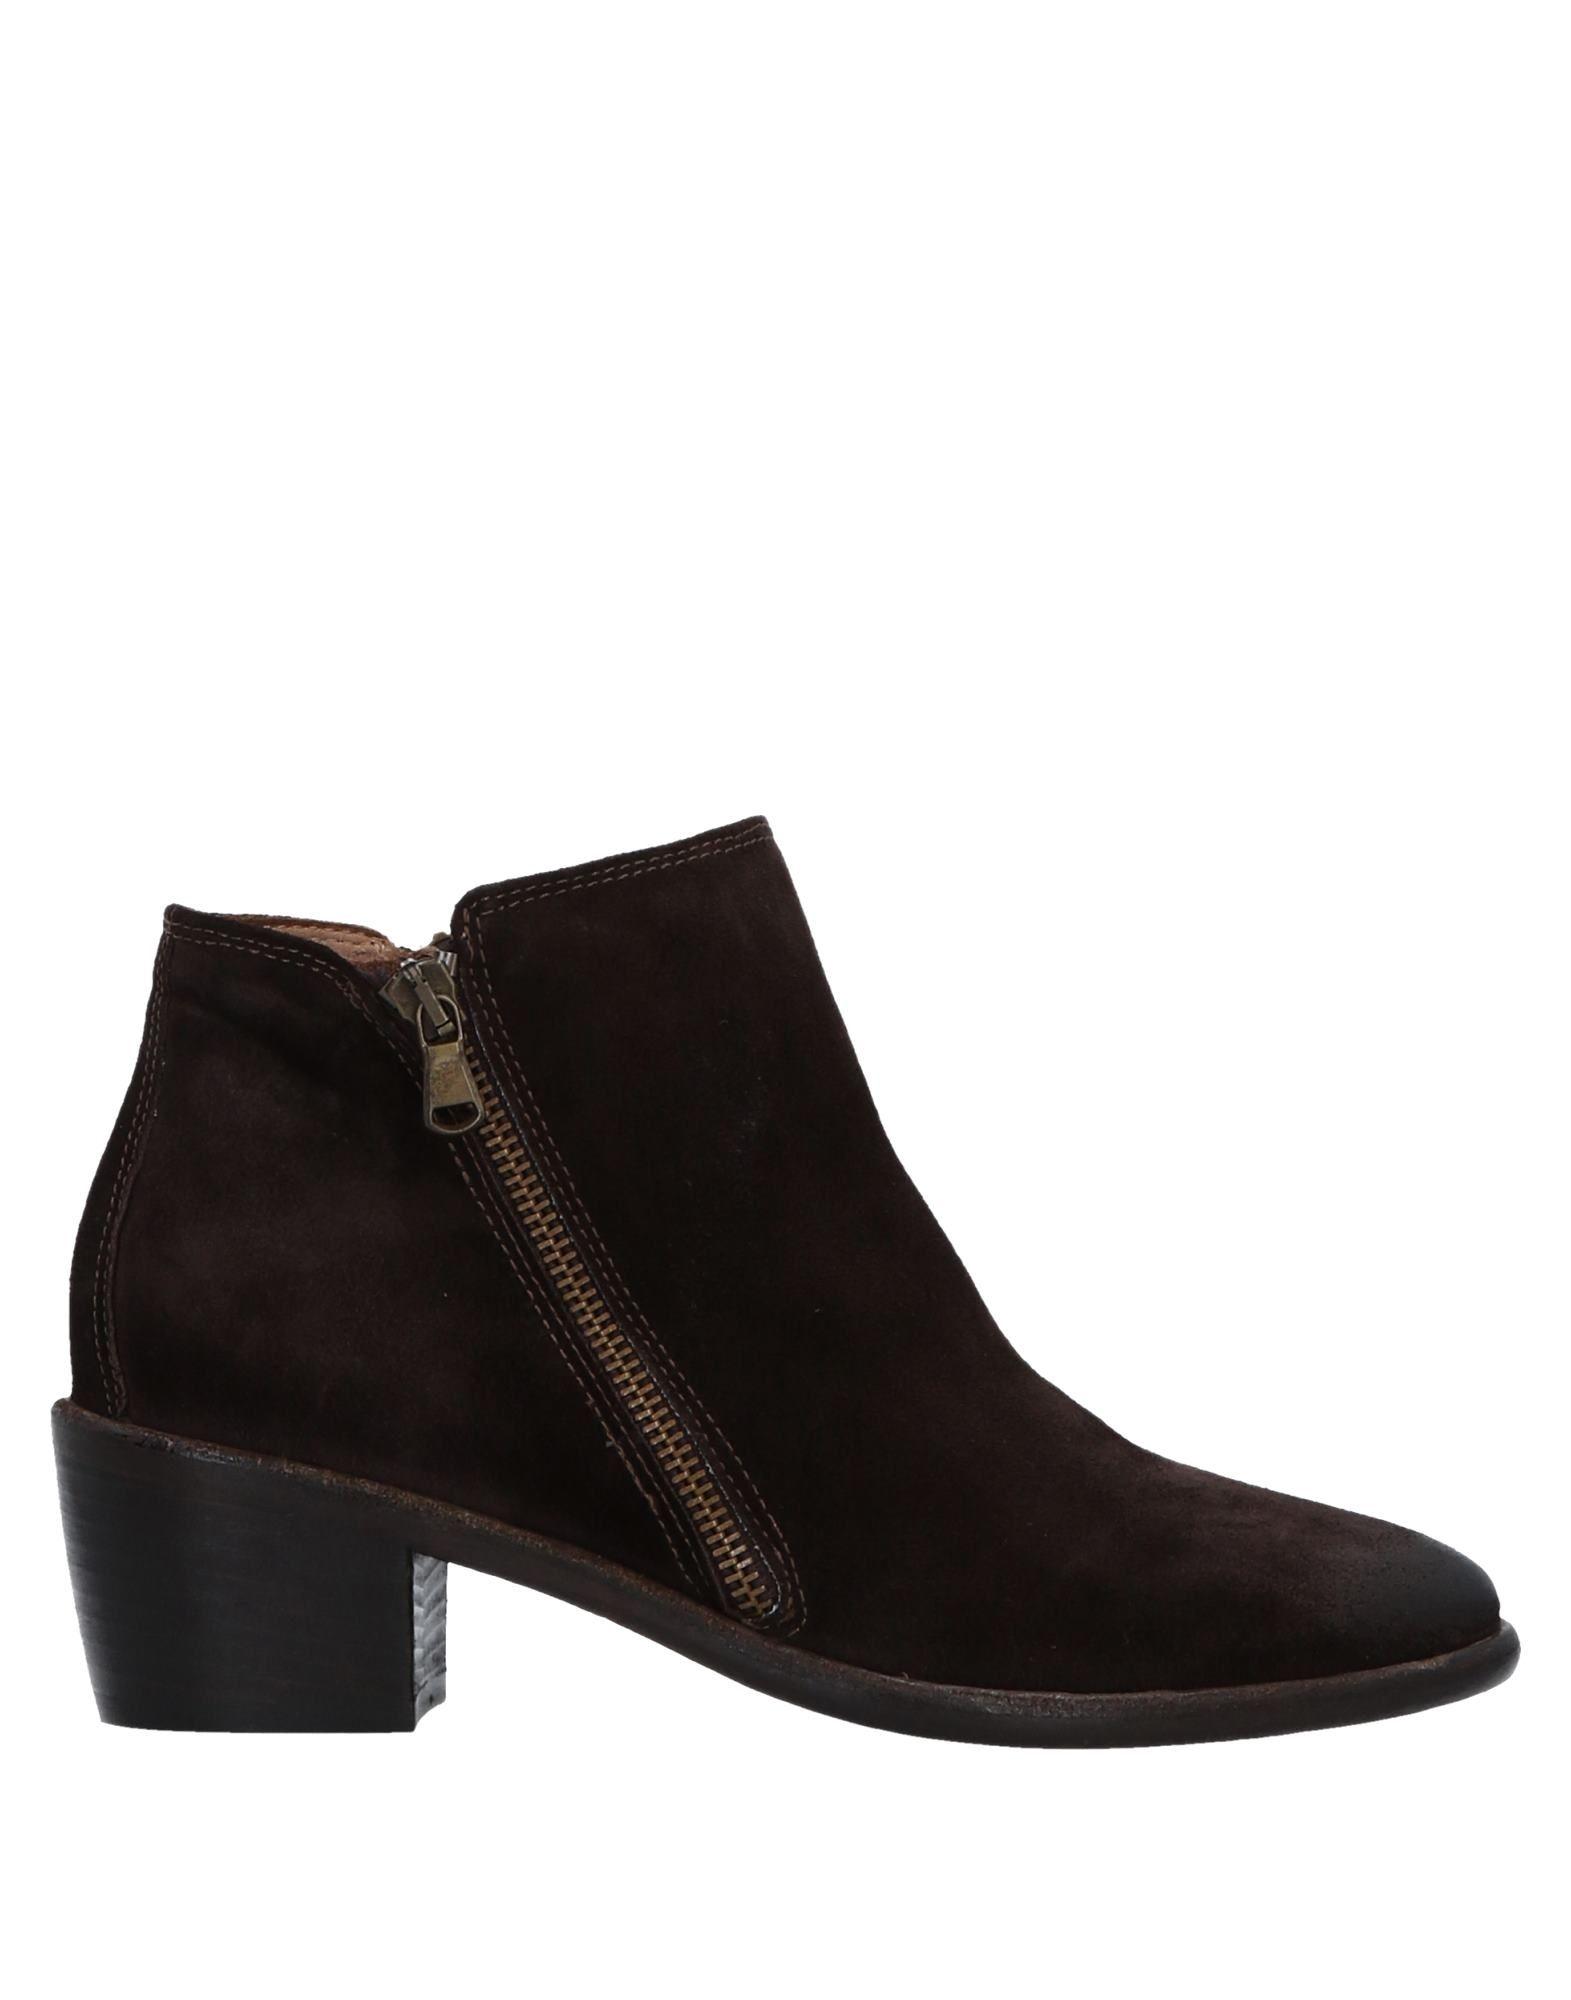 Hundred 100 Ankle Boot - Women Hundred 100 Ankle Boots - online on  Australia - Boots 11516526TT b19766